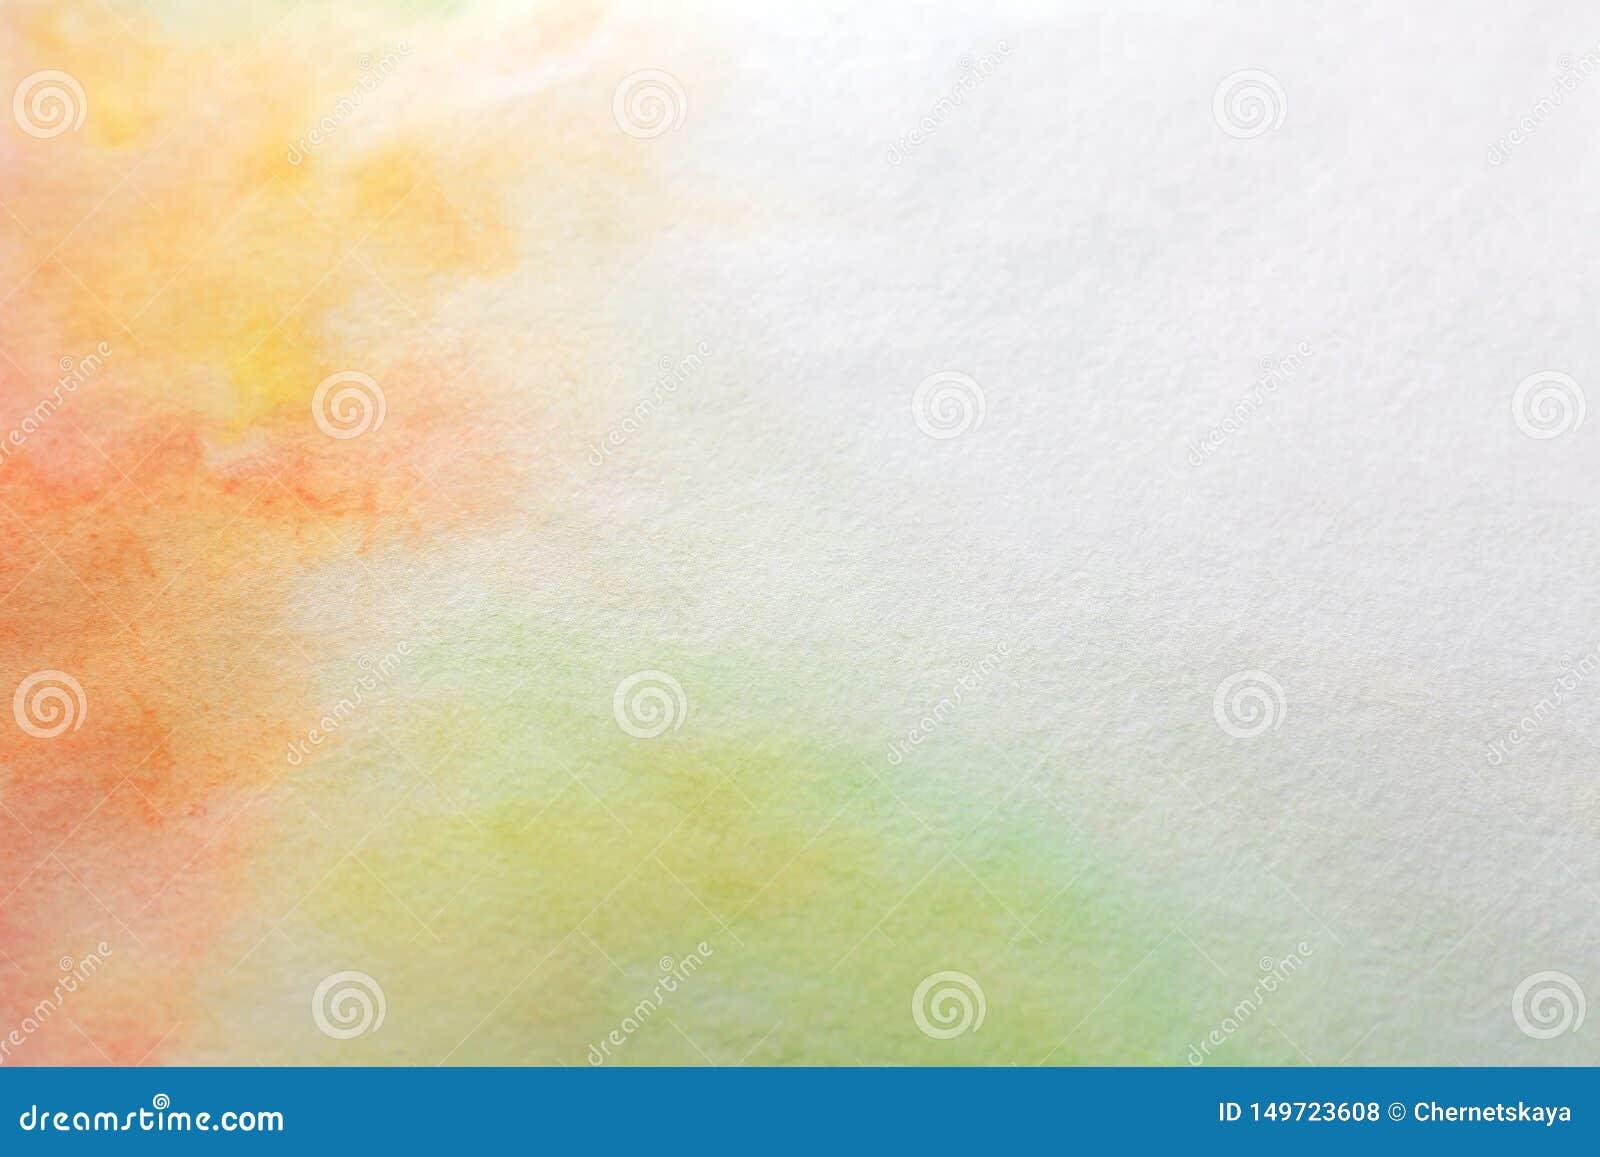 Красочные краски на бумаге E